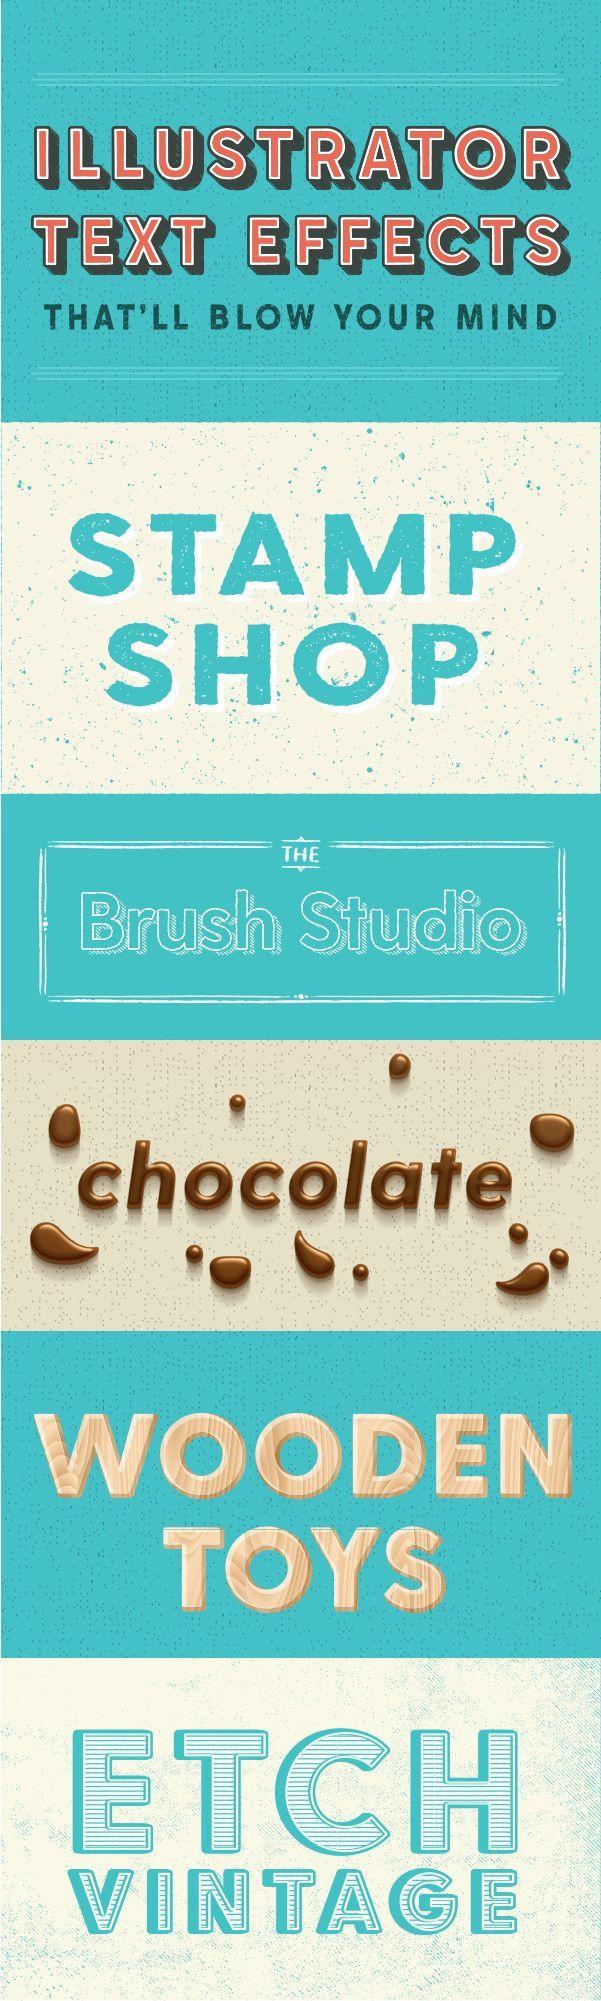 81 besten Adobe Illustrator Tipps Bilder auf Pinterest | Adobe ...